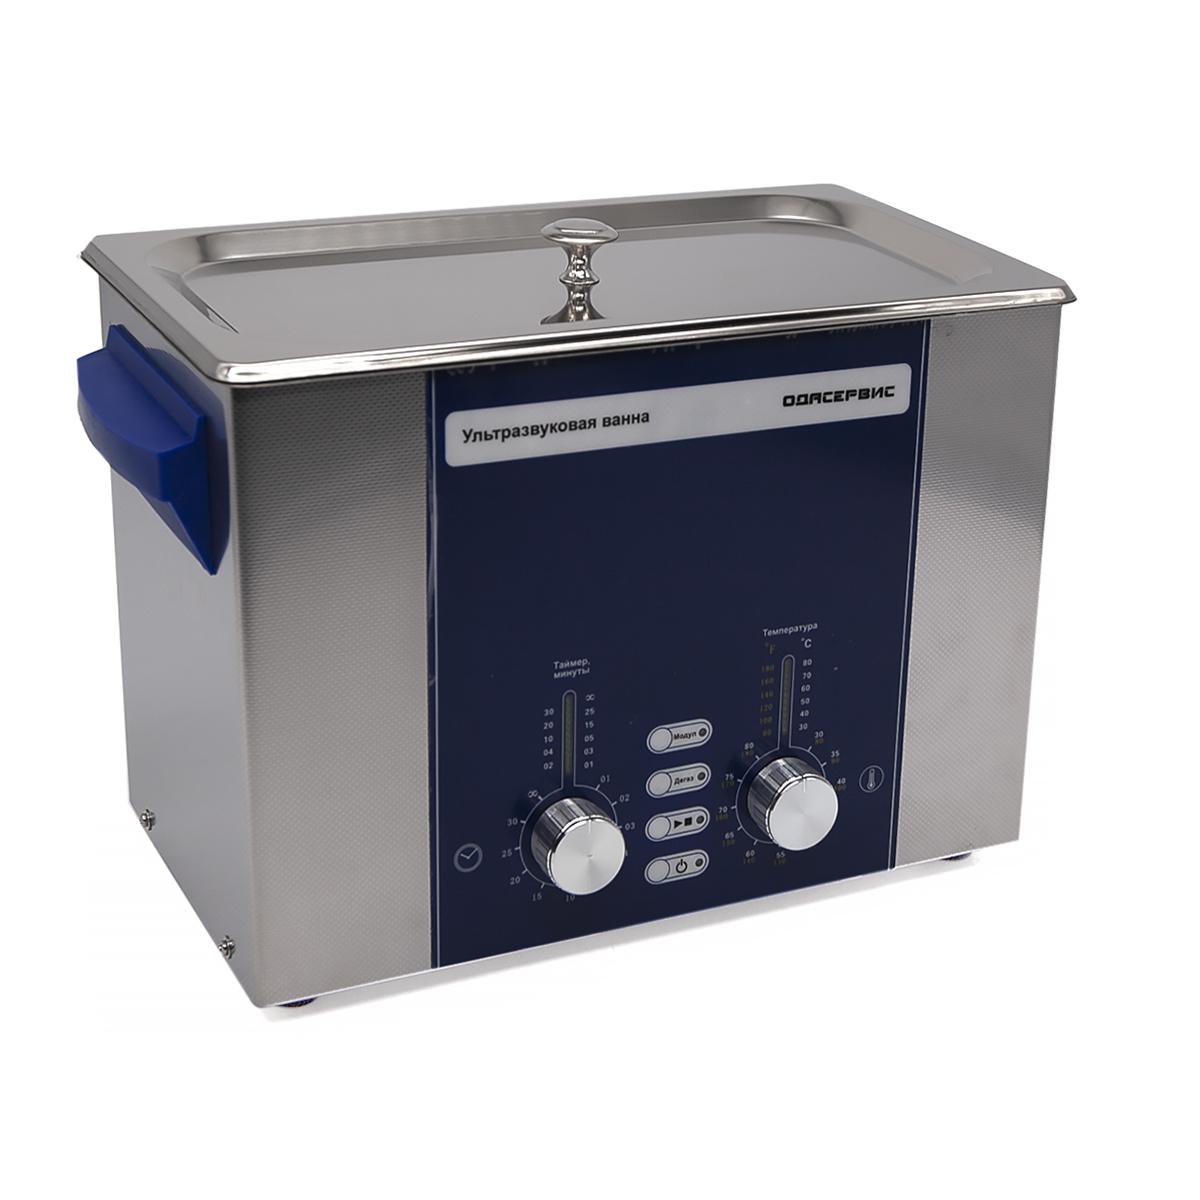 Ультразвуковая ванна с аналоговым управлением, подогревом, дегазацией и модуляцией 4 л ОДА...